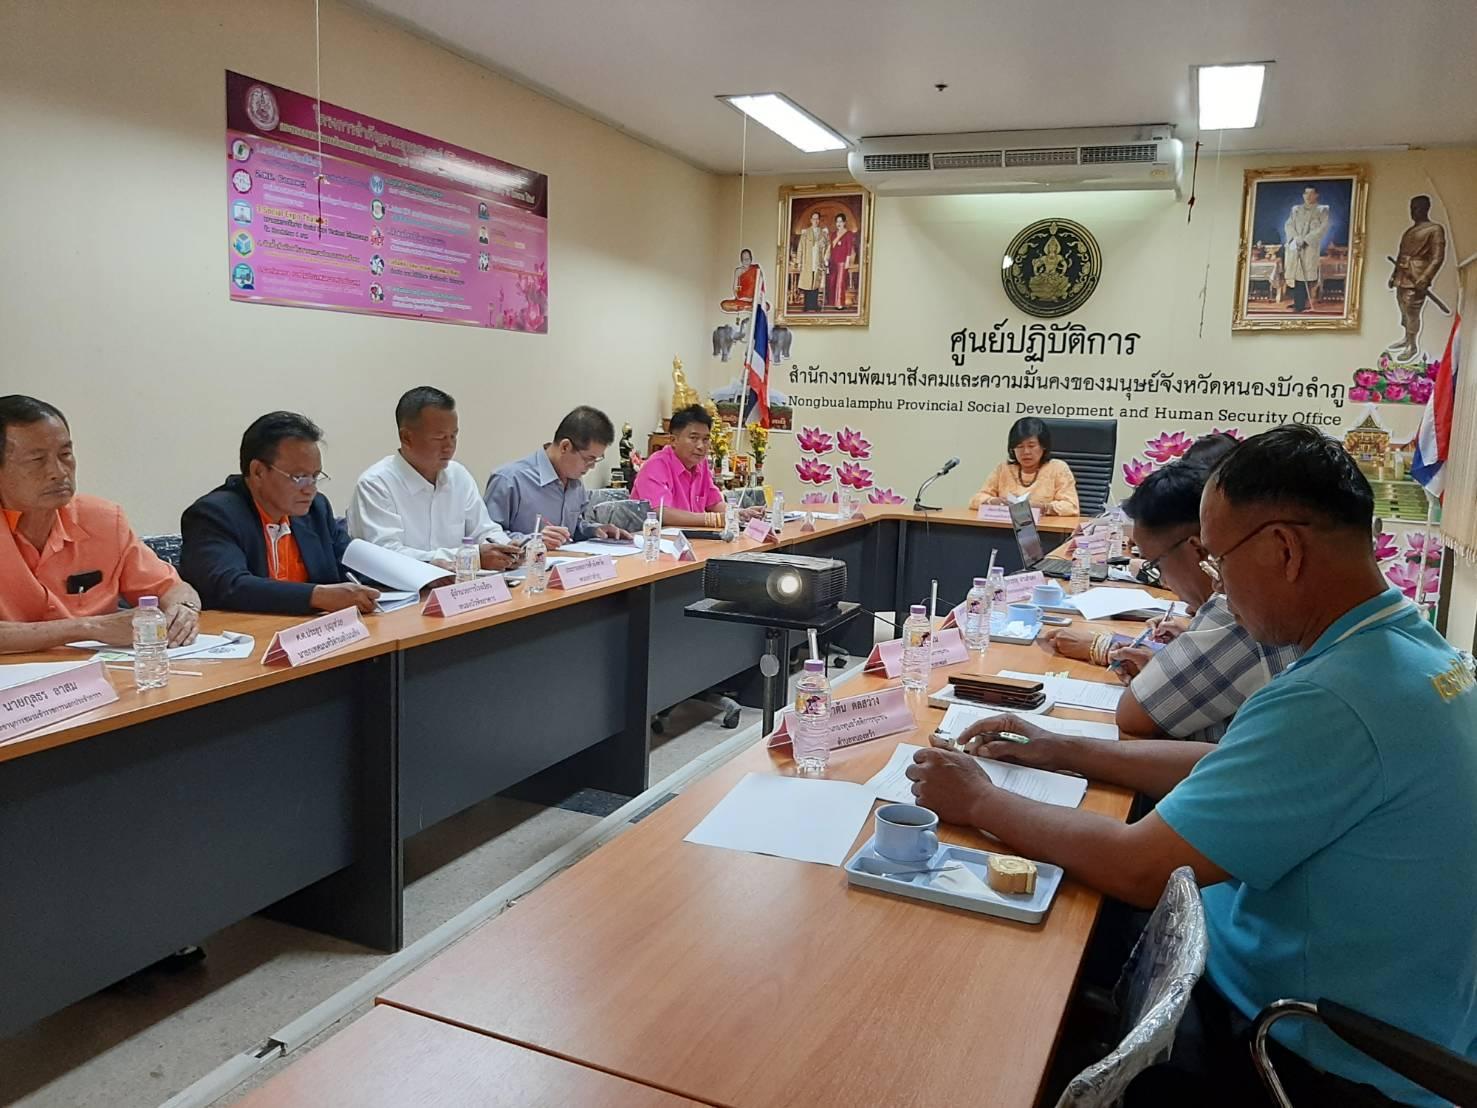 ร่วมประชุมคณะอนุกรรมการบริหารกองทุนเพื่อส่งเสริมการจัดสวัสดิการสังคม จังหวัดหนองบัวลำภู ครั้งที่ 1/2563